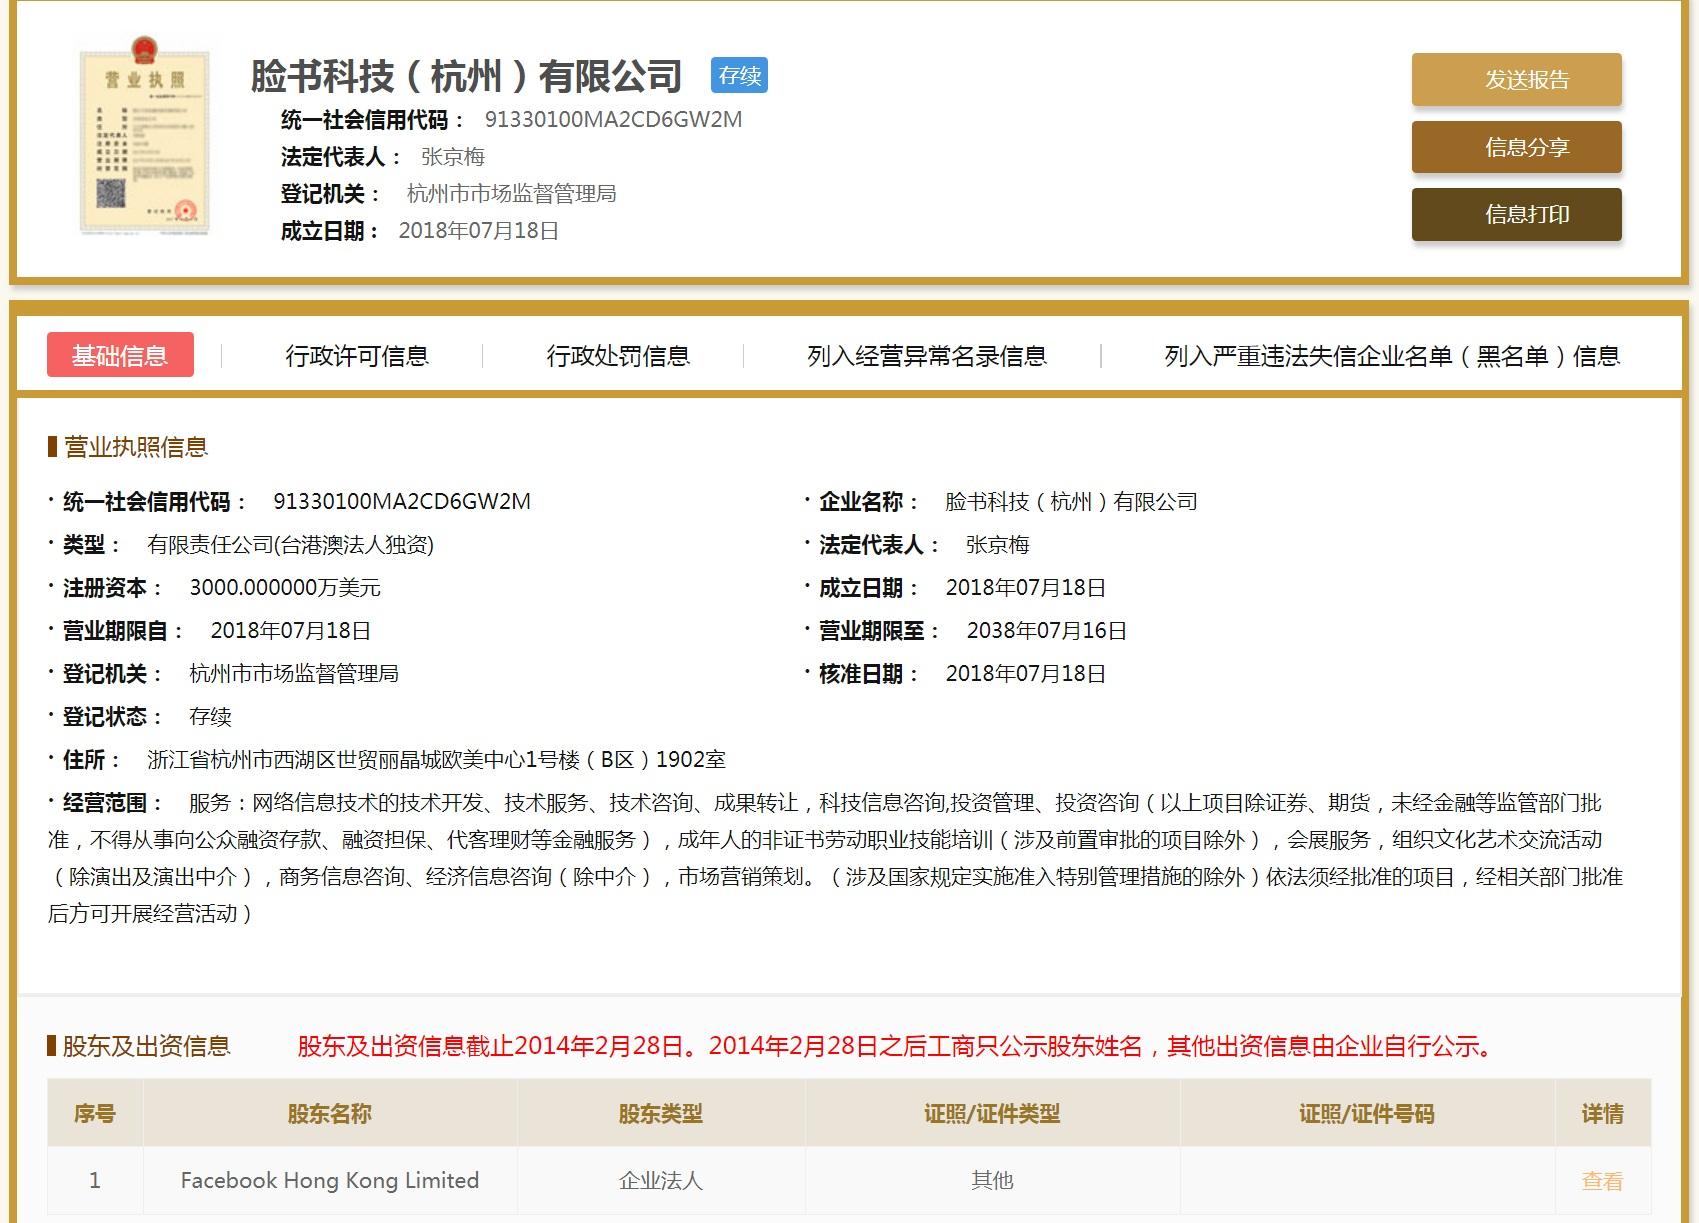 脸书要进入中国?脸书科技(杭州)有限公司成立